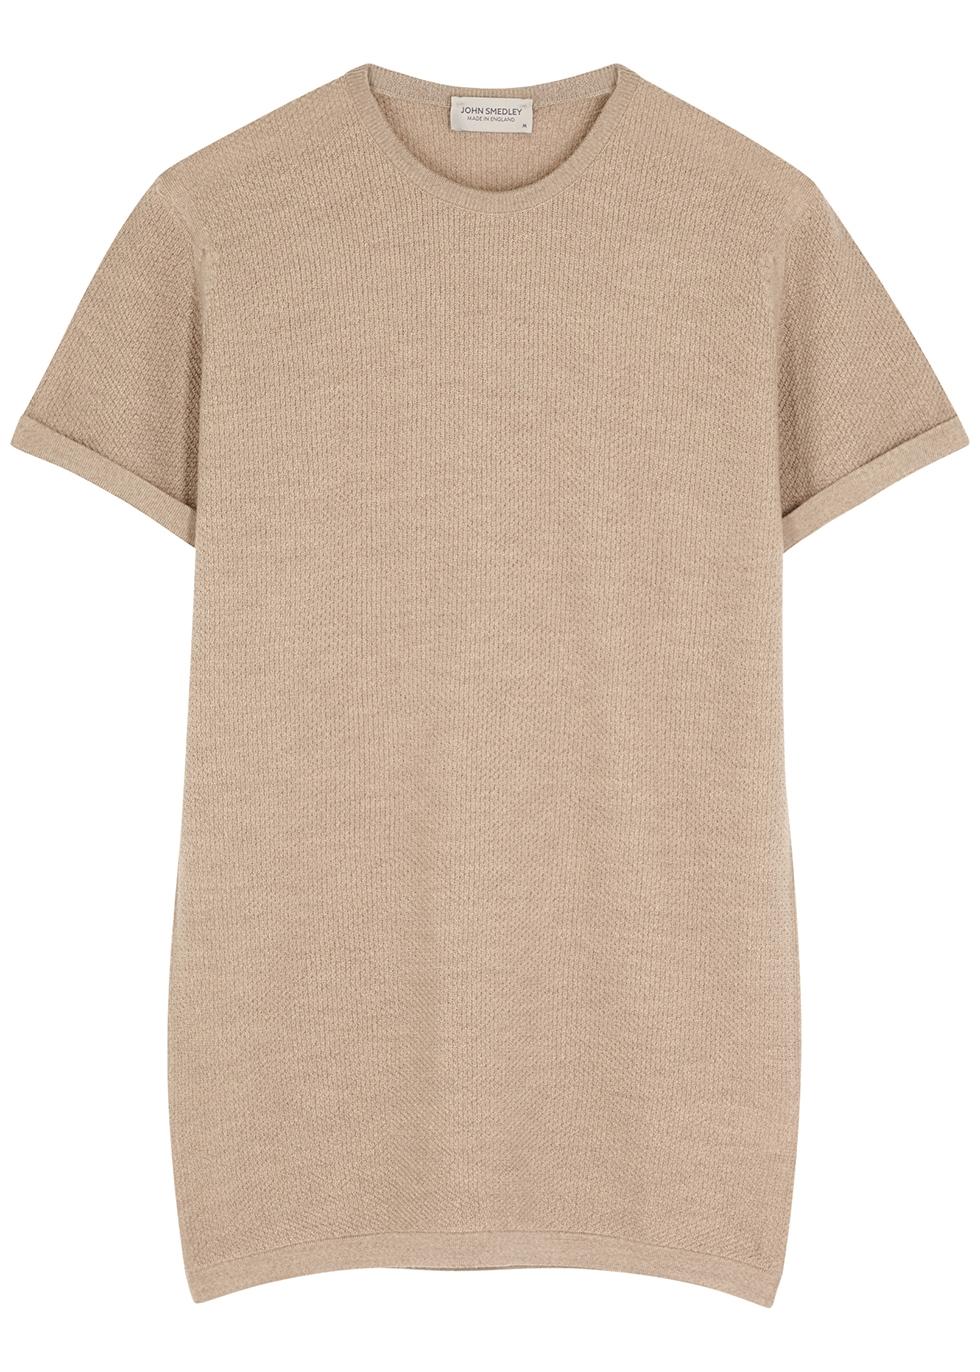 2.Singular taupe textured-knit wool T-shirt